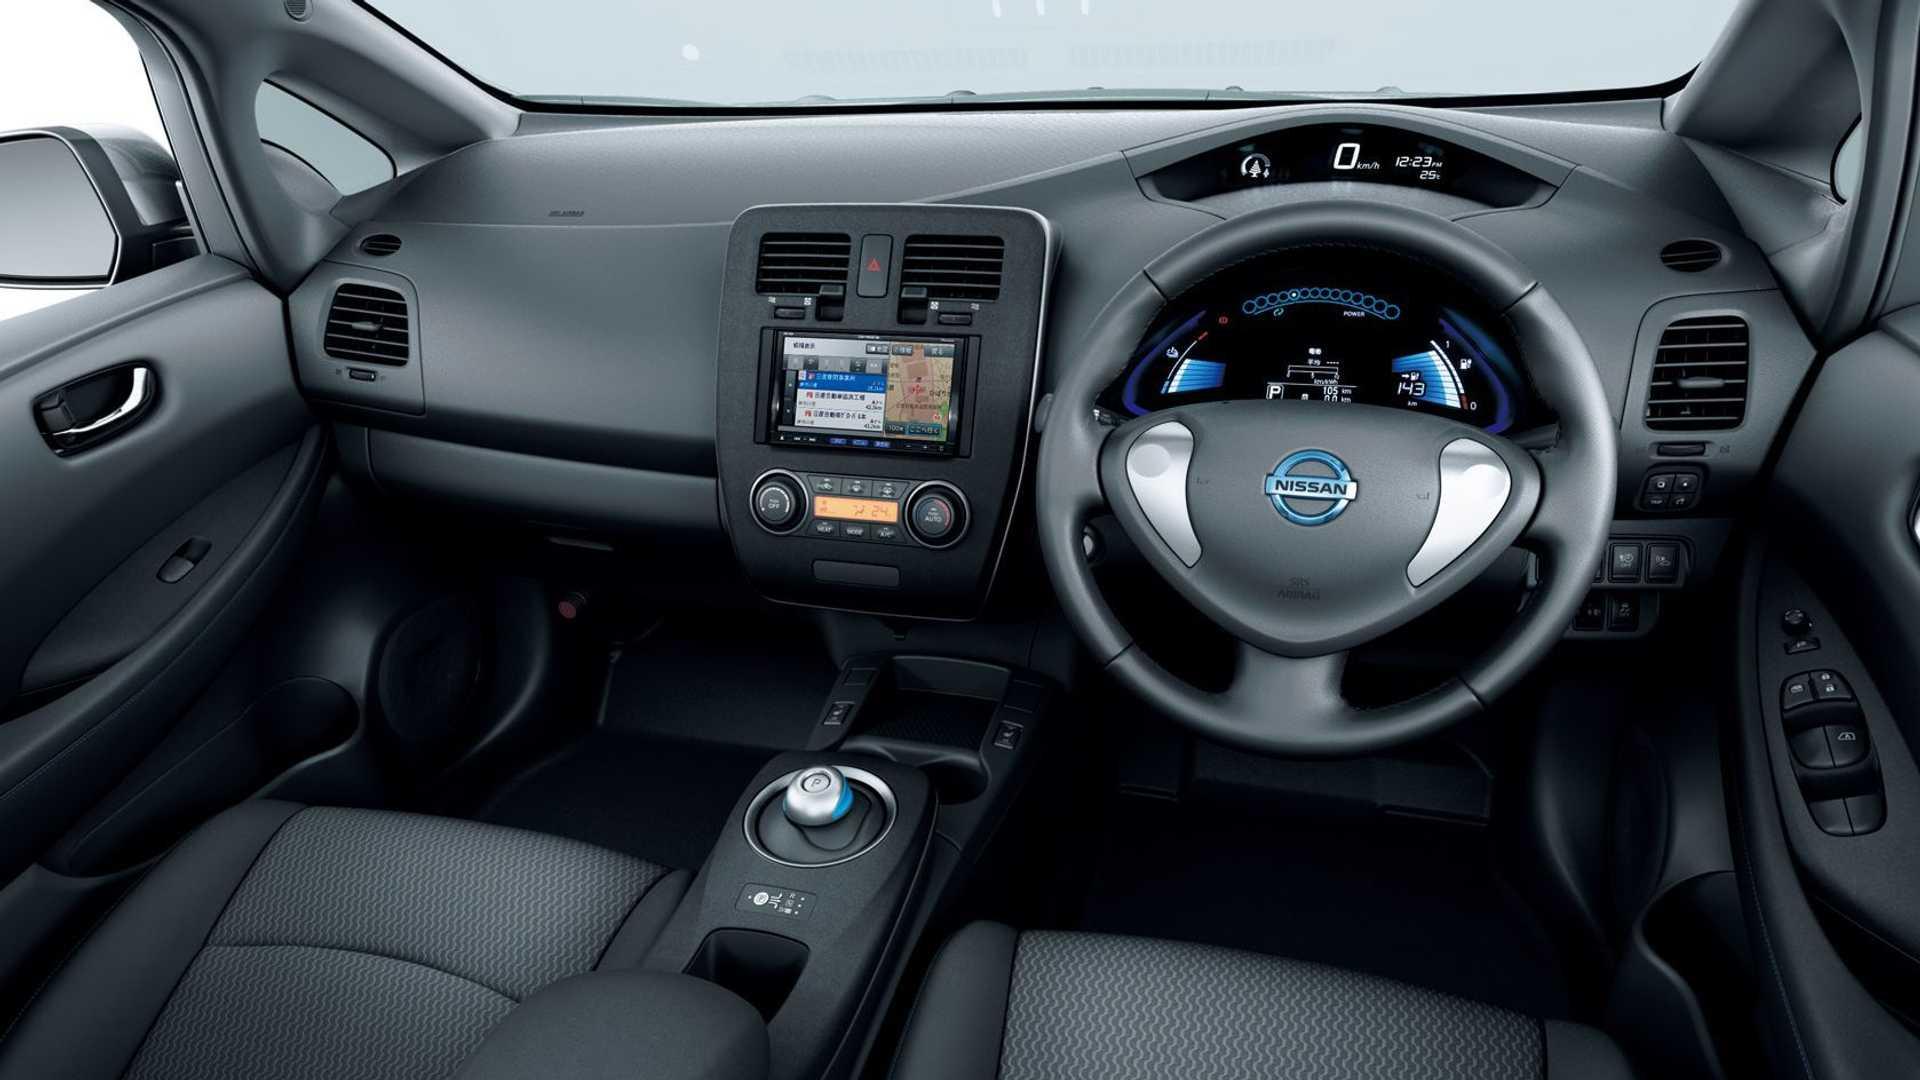 Nissan Leaf 2010 First Gen Interior